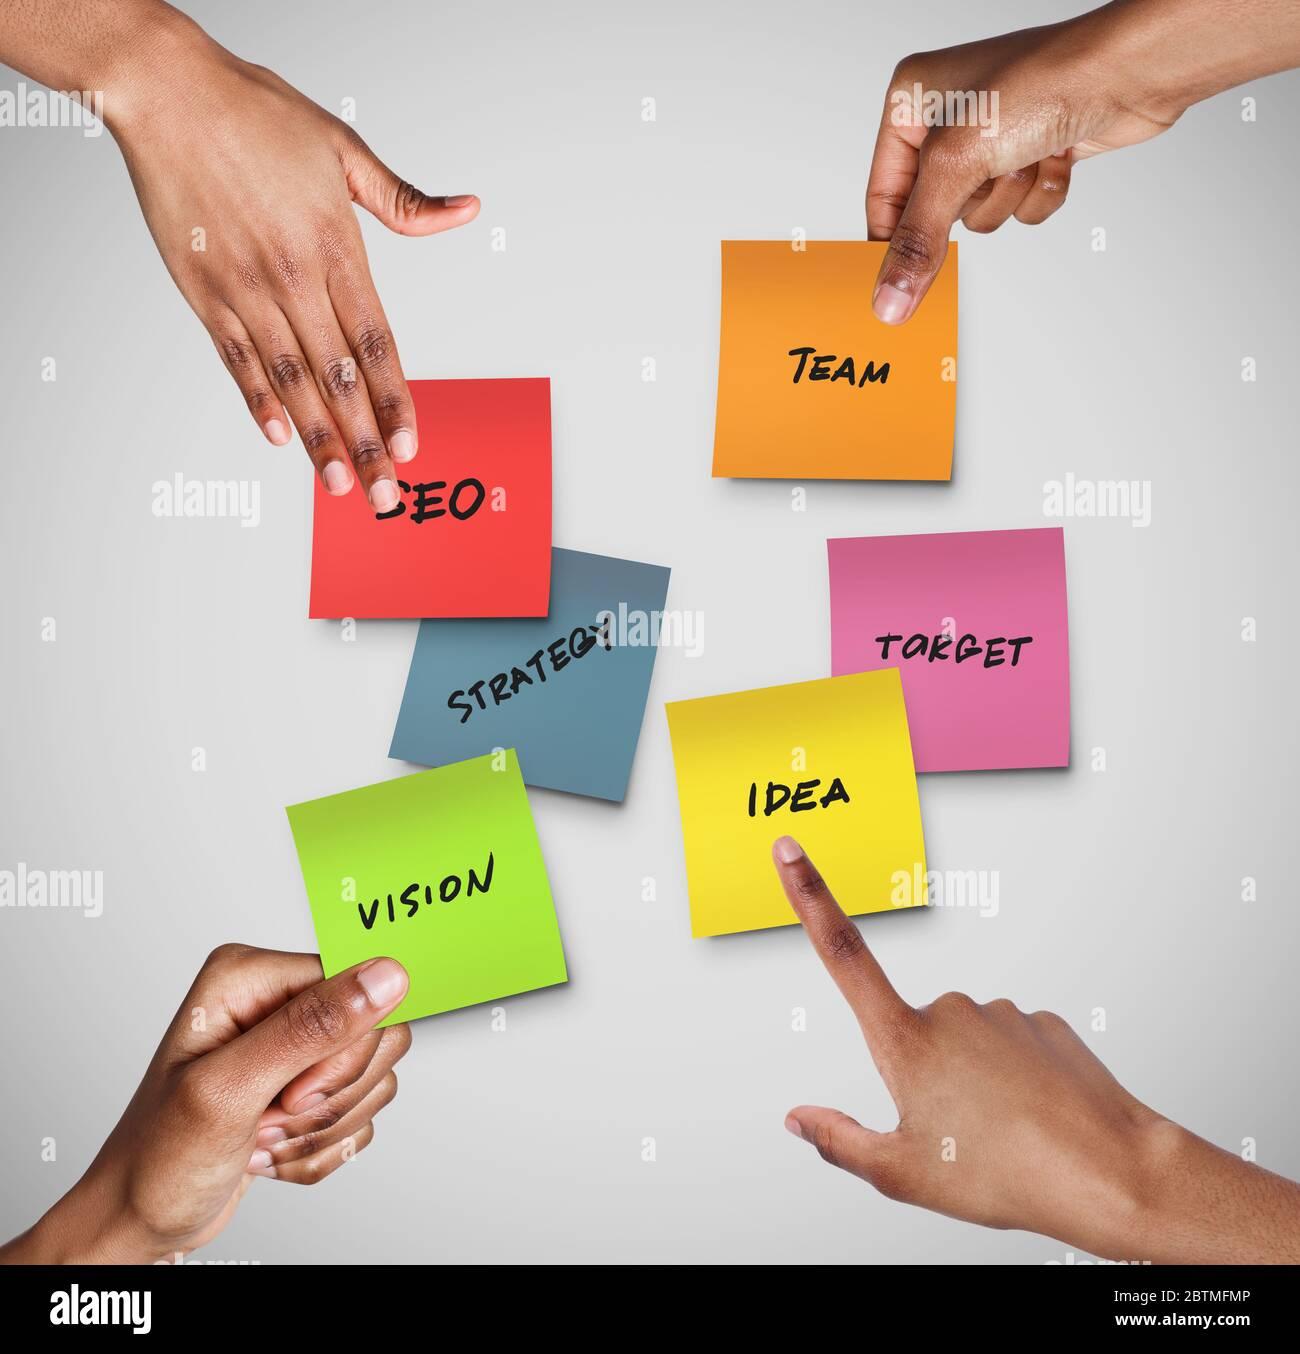 Las manos de la gente que alcanzan para las notas con varias palabras relacionadas con el negocio sobre fondo gris, collage Foto de stock